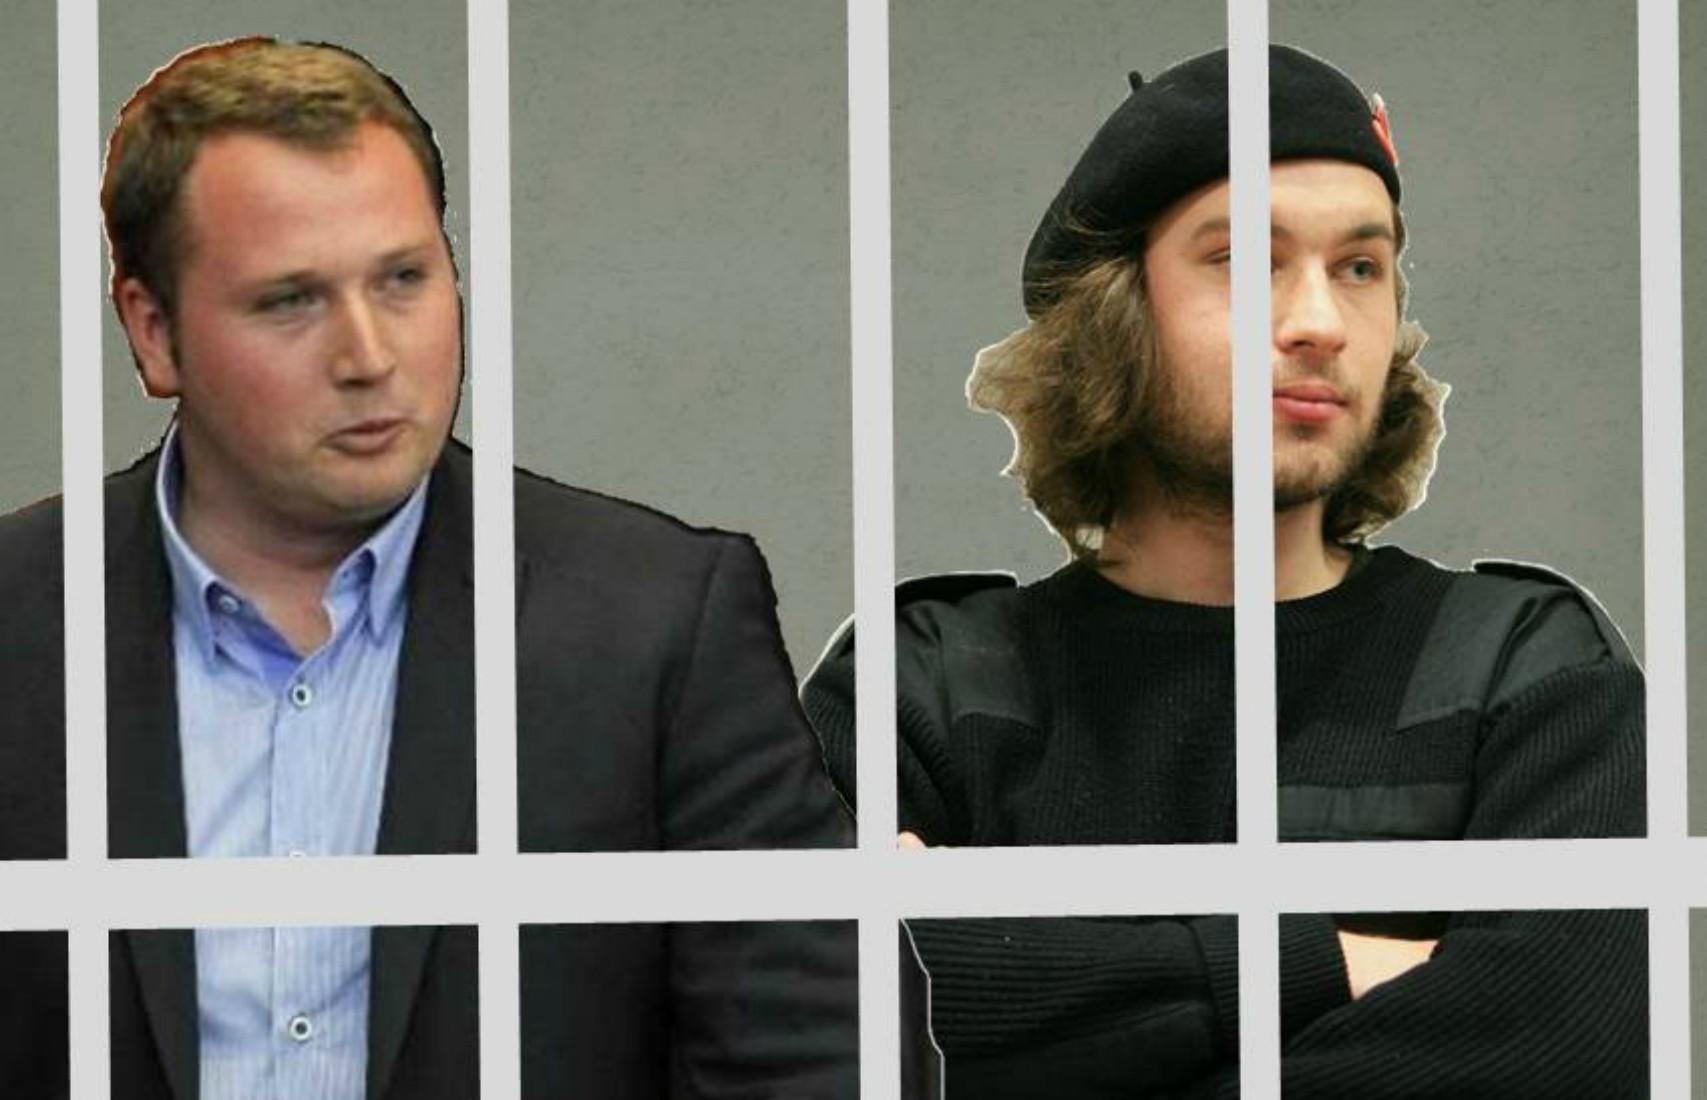 Mihael Letonje kazensko ovadil poslanca Škoberneta in Kordiša